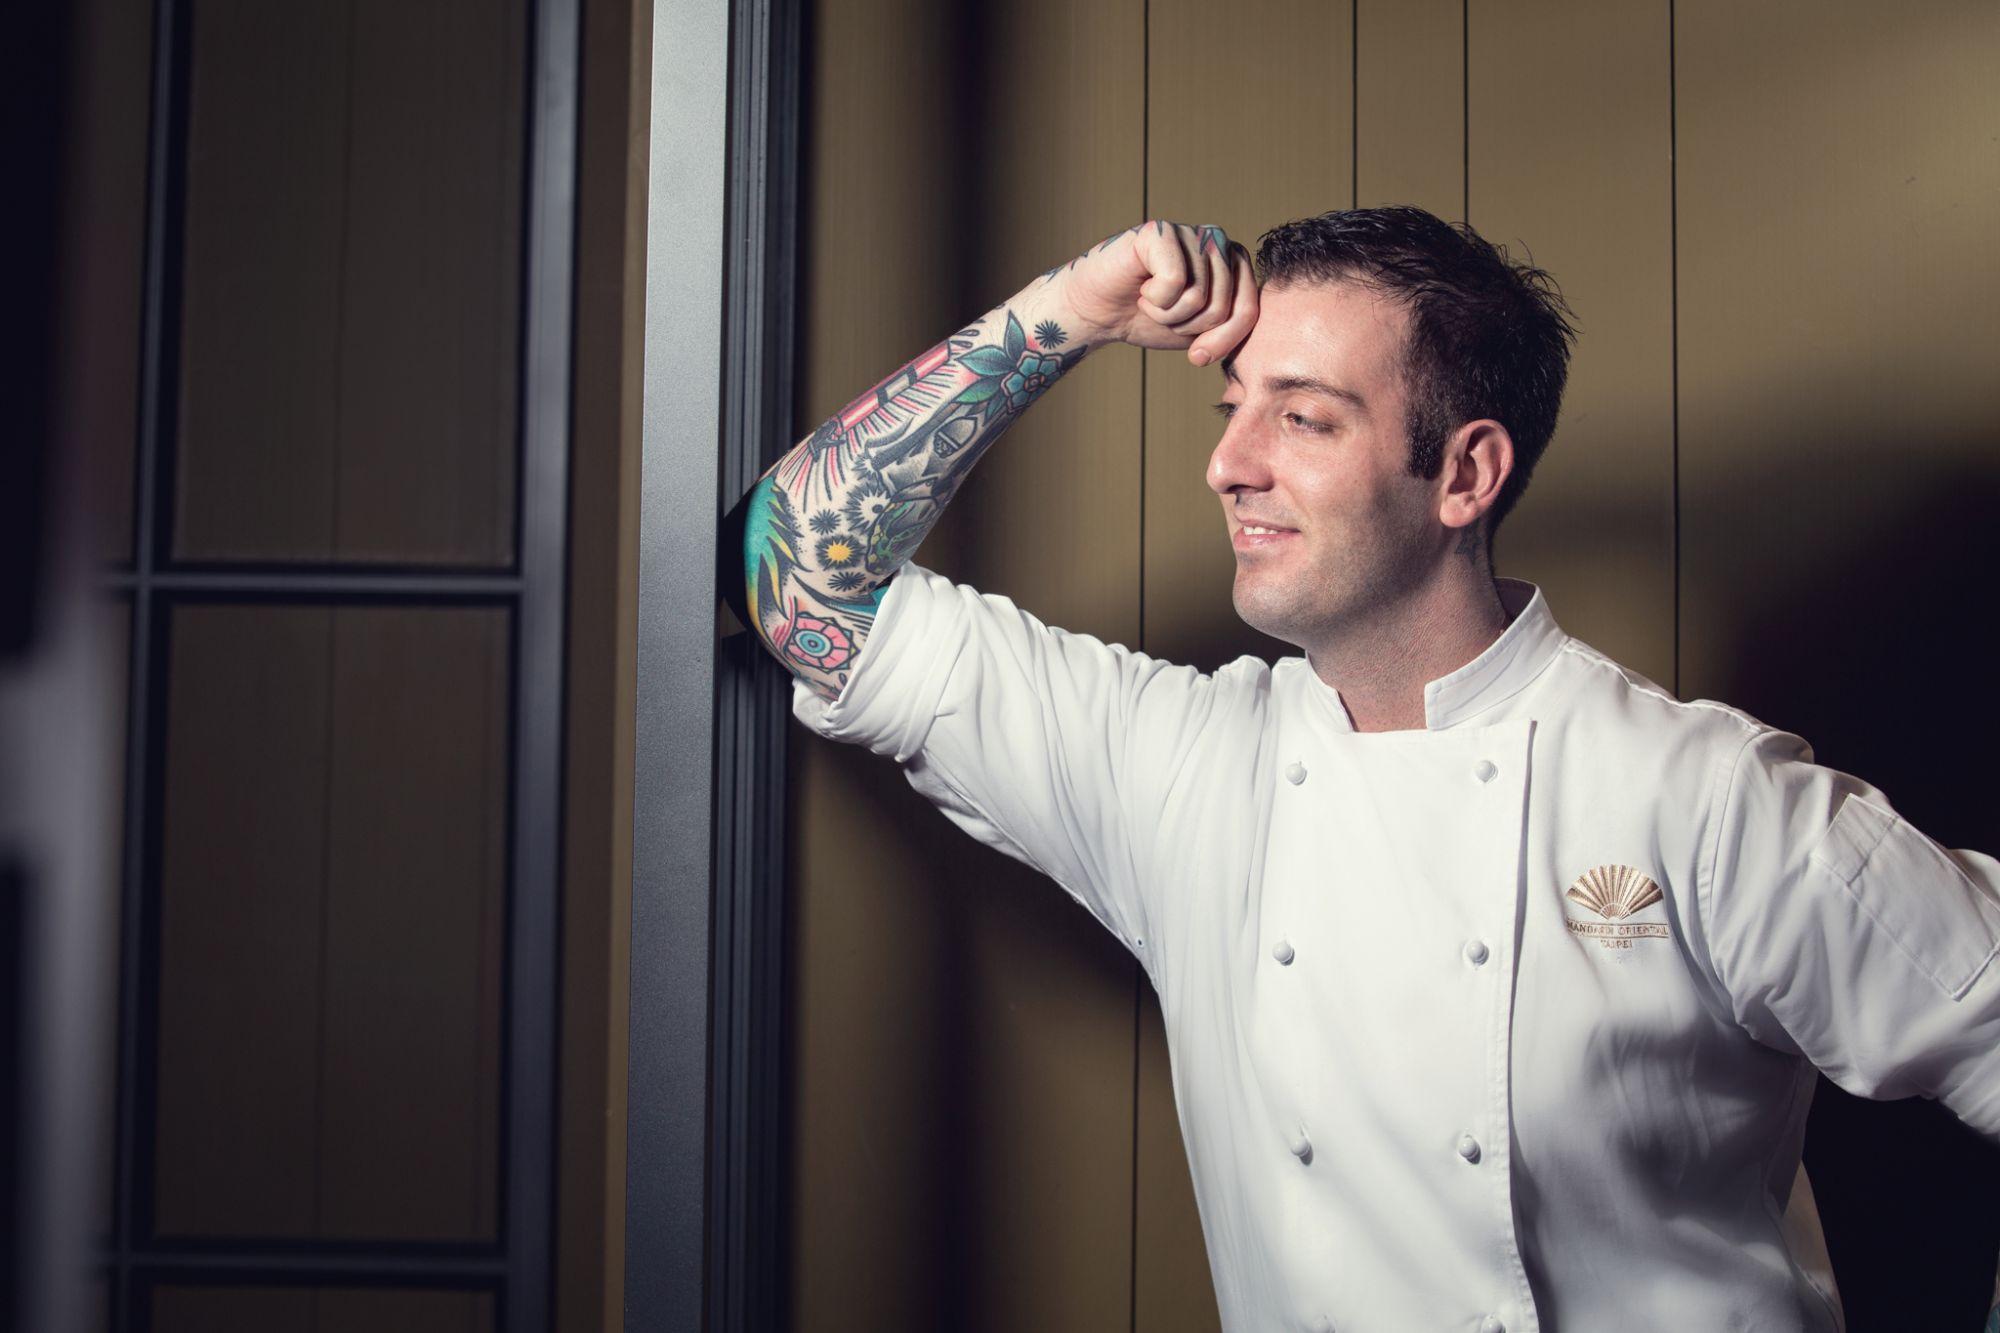 新銳鬼才主廚Iacopo Frassi重新定義Bencotto,更當代、更純粹的義式風味驚豔饕客味蕾